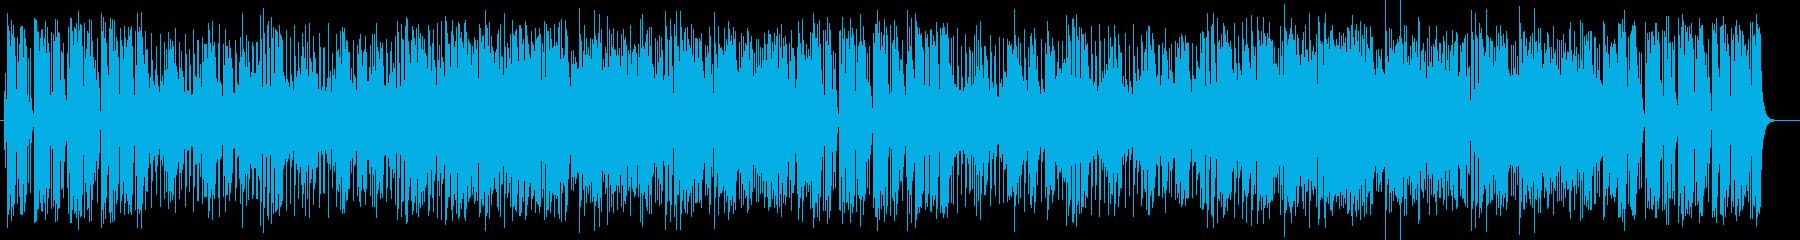 シンセサイザーの明るいポップスの再生済みの波形